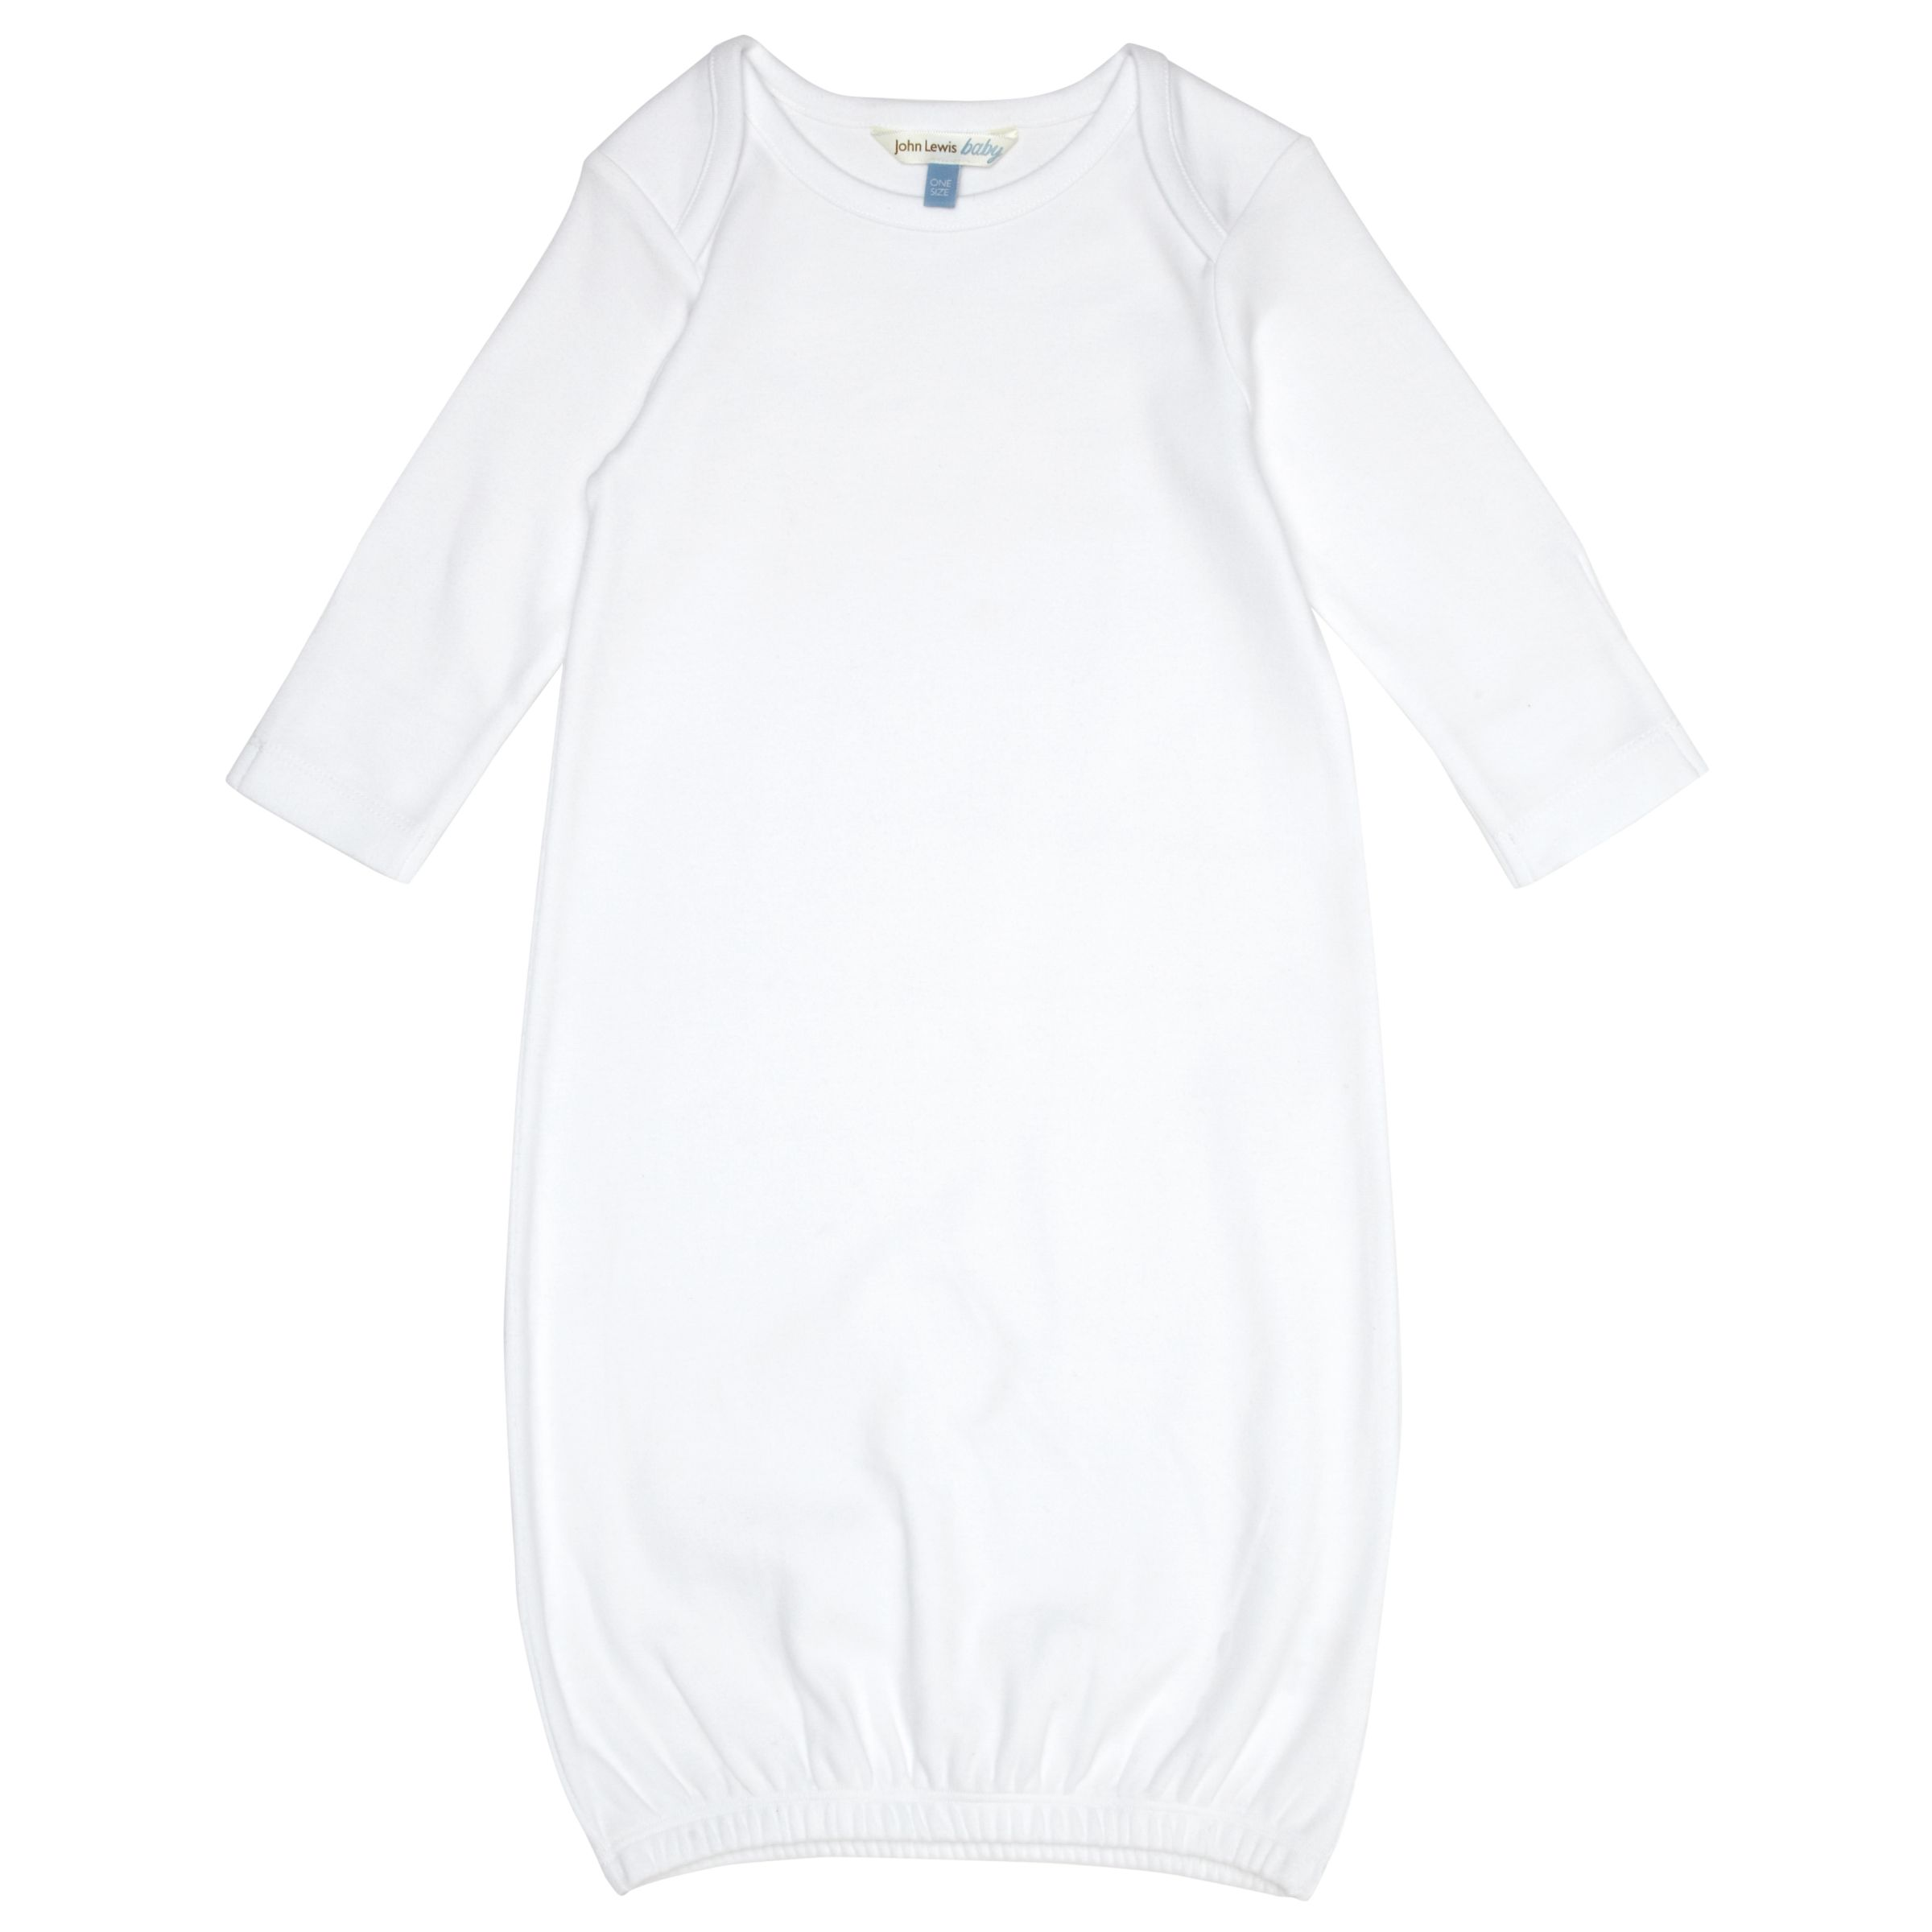 John Lewis Baby Bundler, White, One Size 230591844